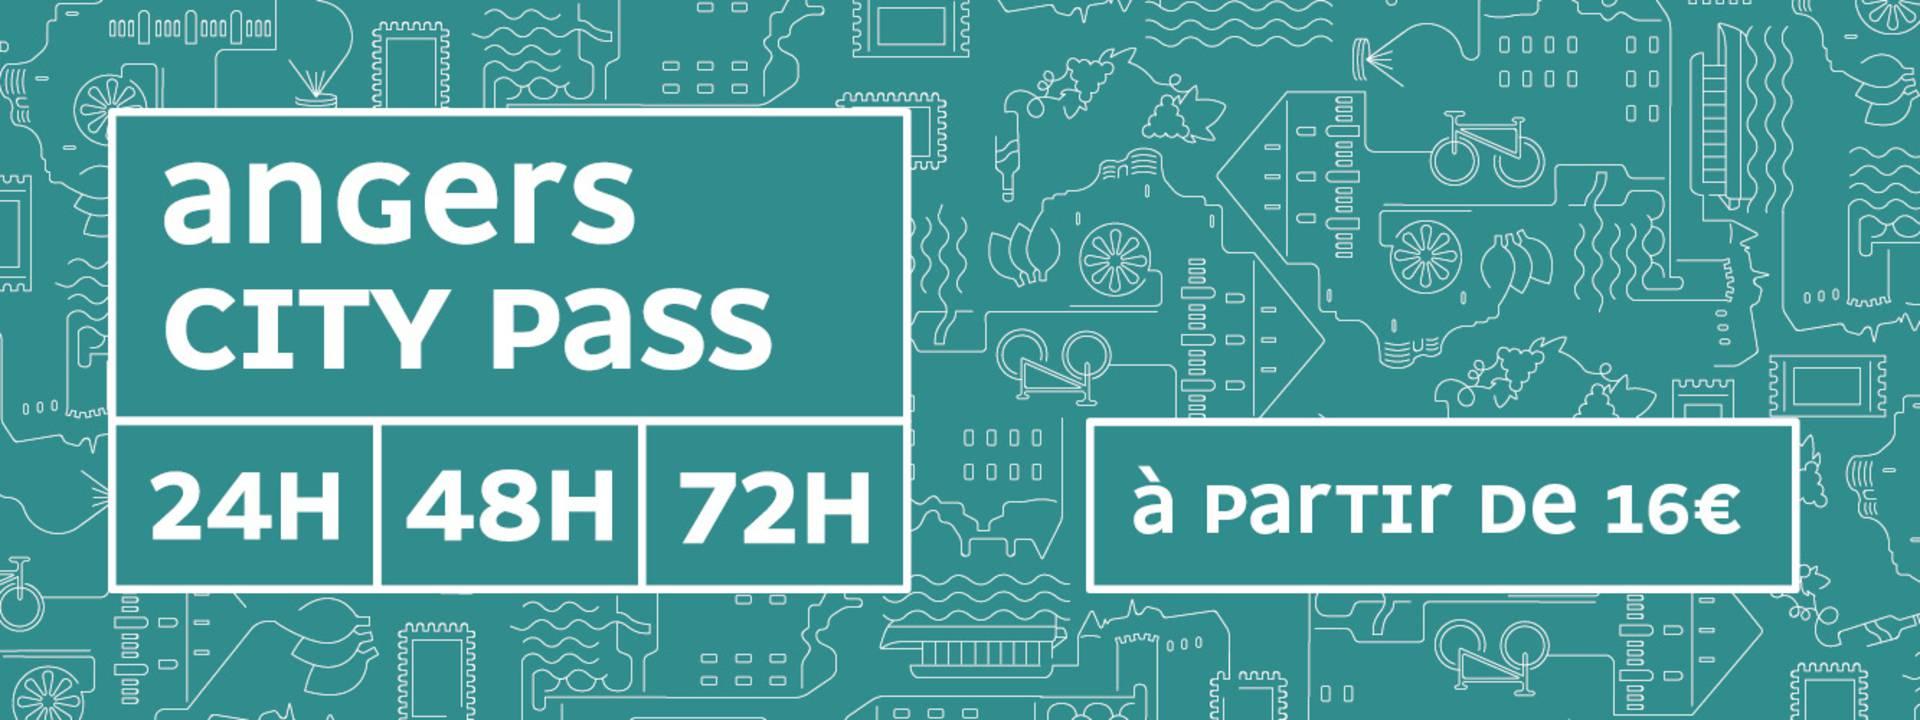 Angers City Pass, visitez les incontournables prix éco